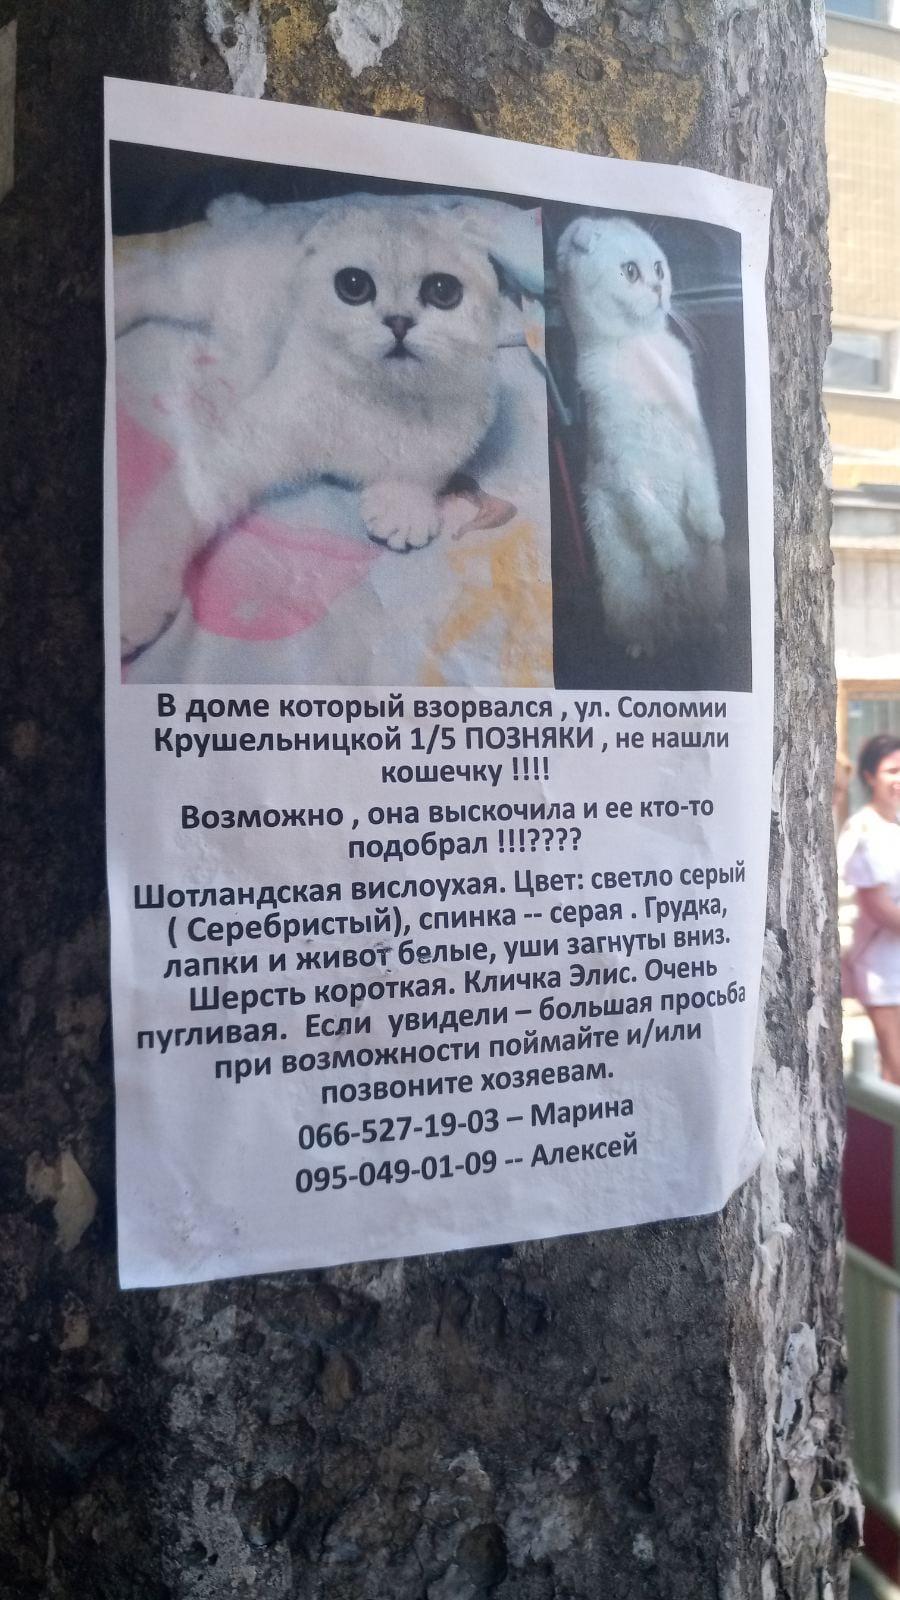 В завалах дома на Позняках через две недели после взрыва нашли кошку: фото